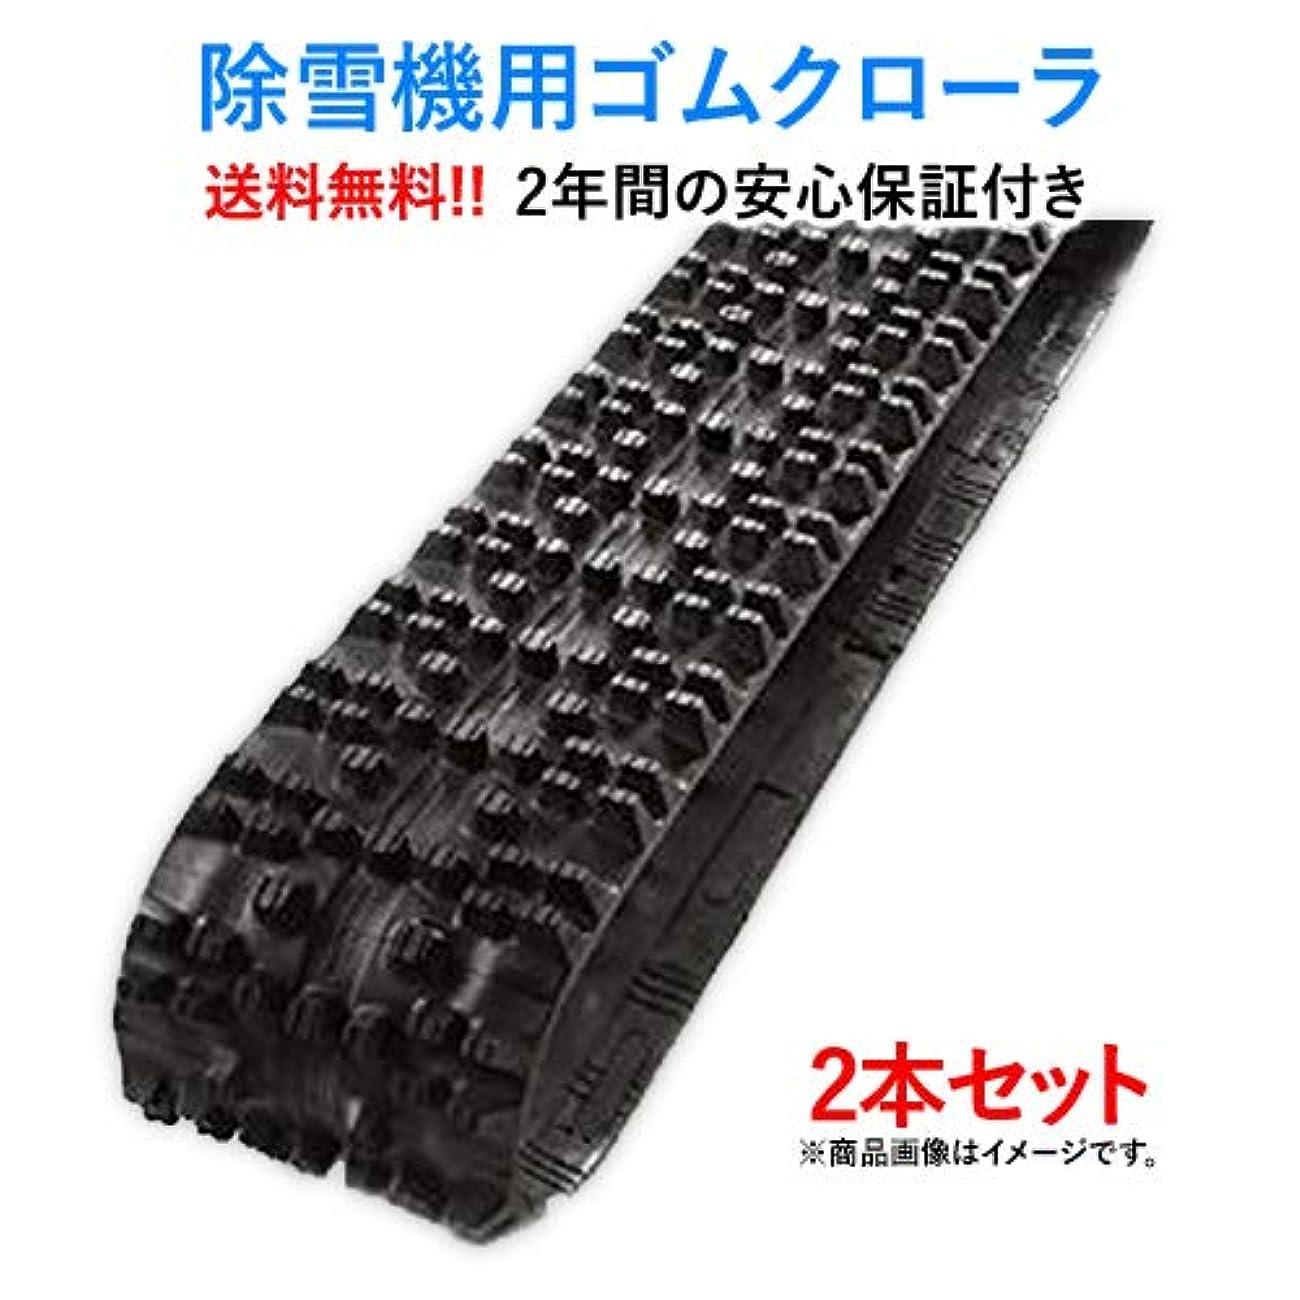 召集するペンダント罪東日興産 除雪機用ゴムクローラ G1-257234SG 250x72x34 2本セット